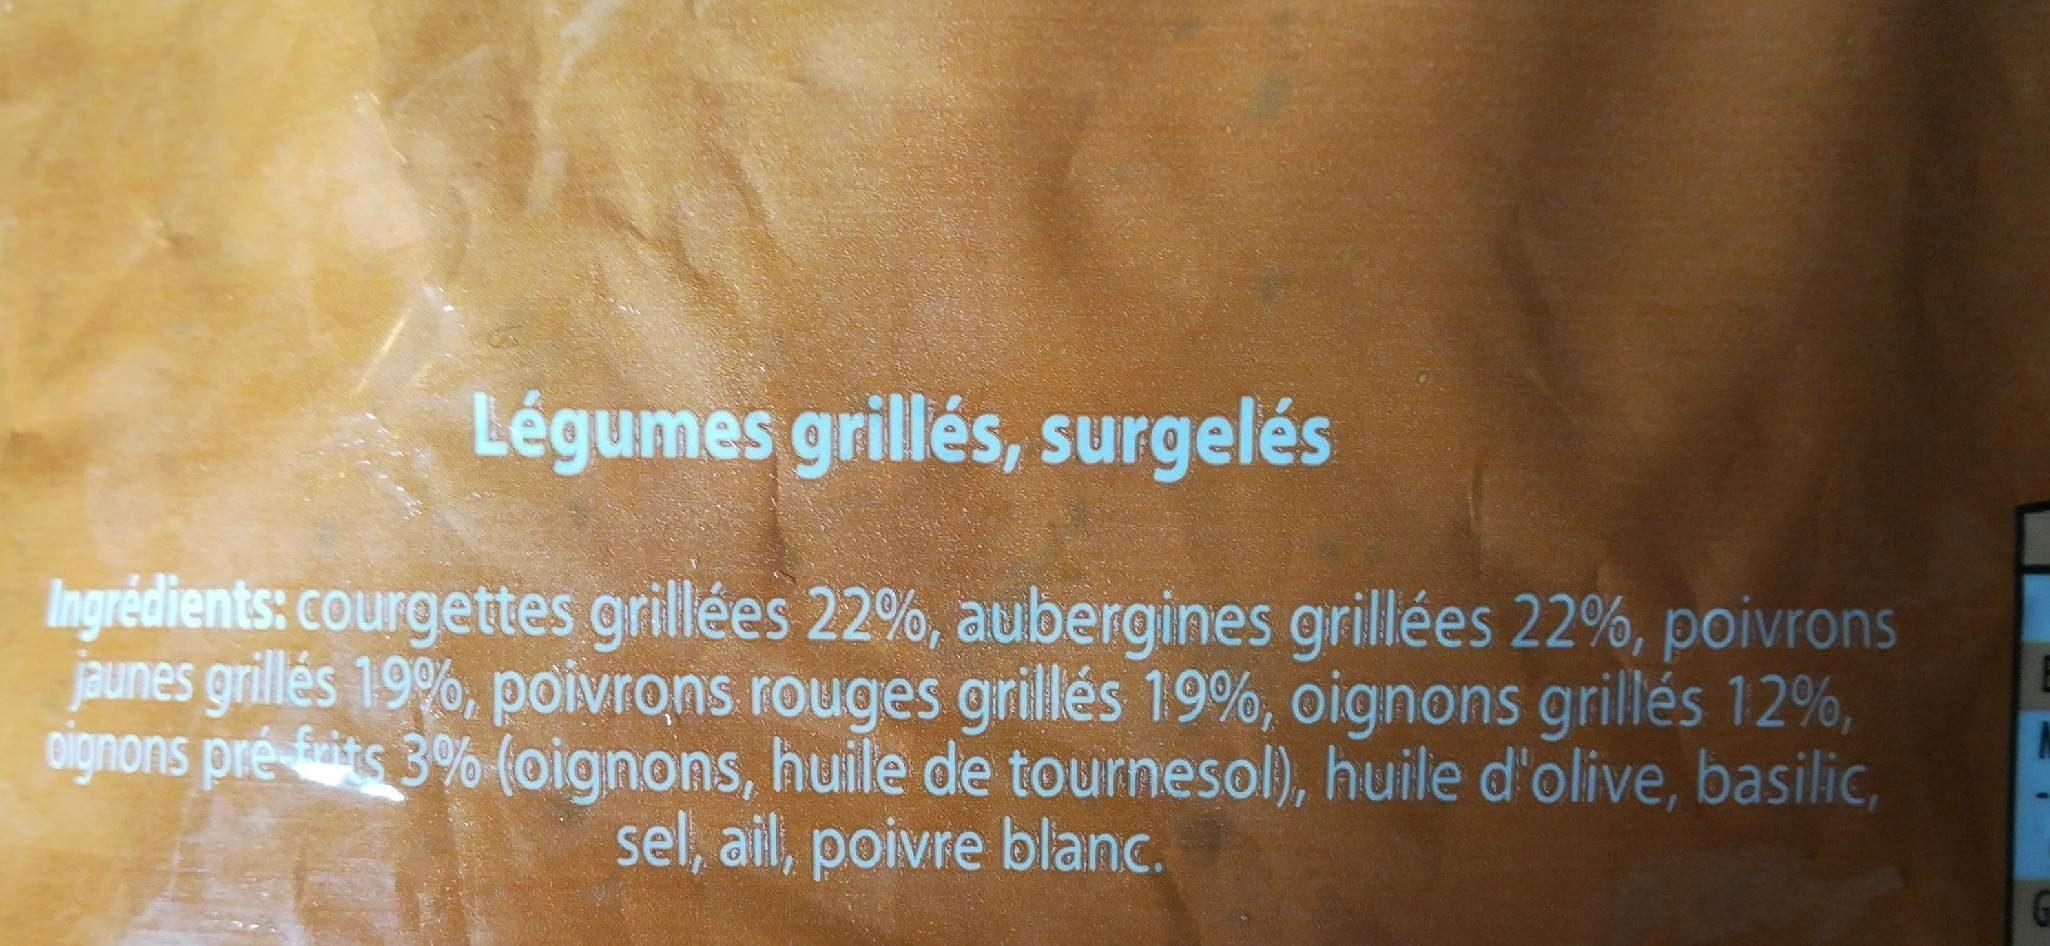 Légumes grillés à la méditerranéenne - Ingrédients - fr